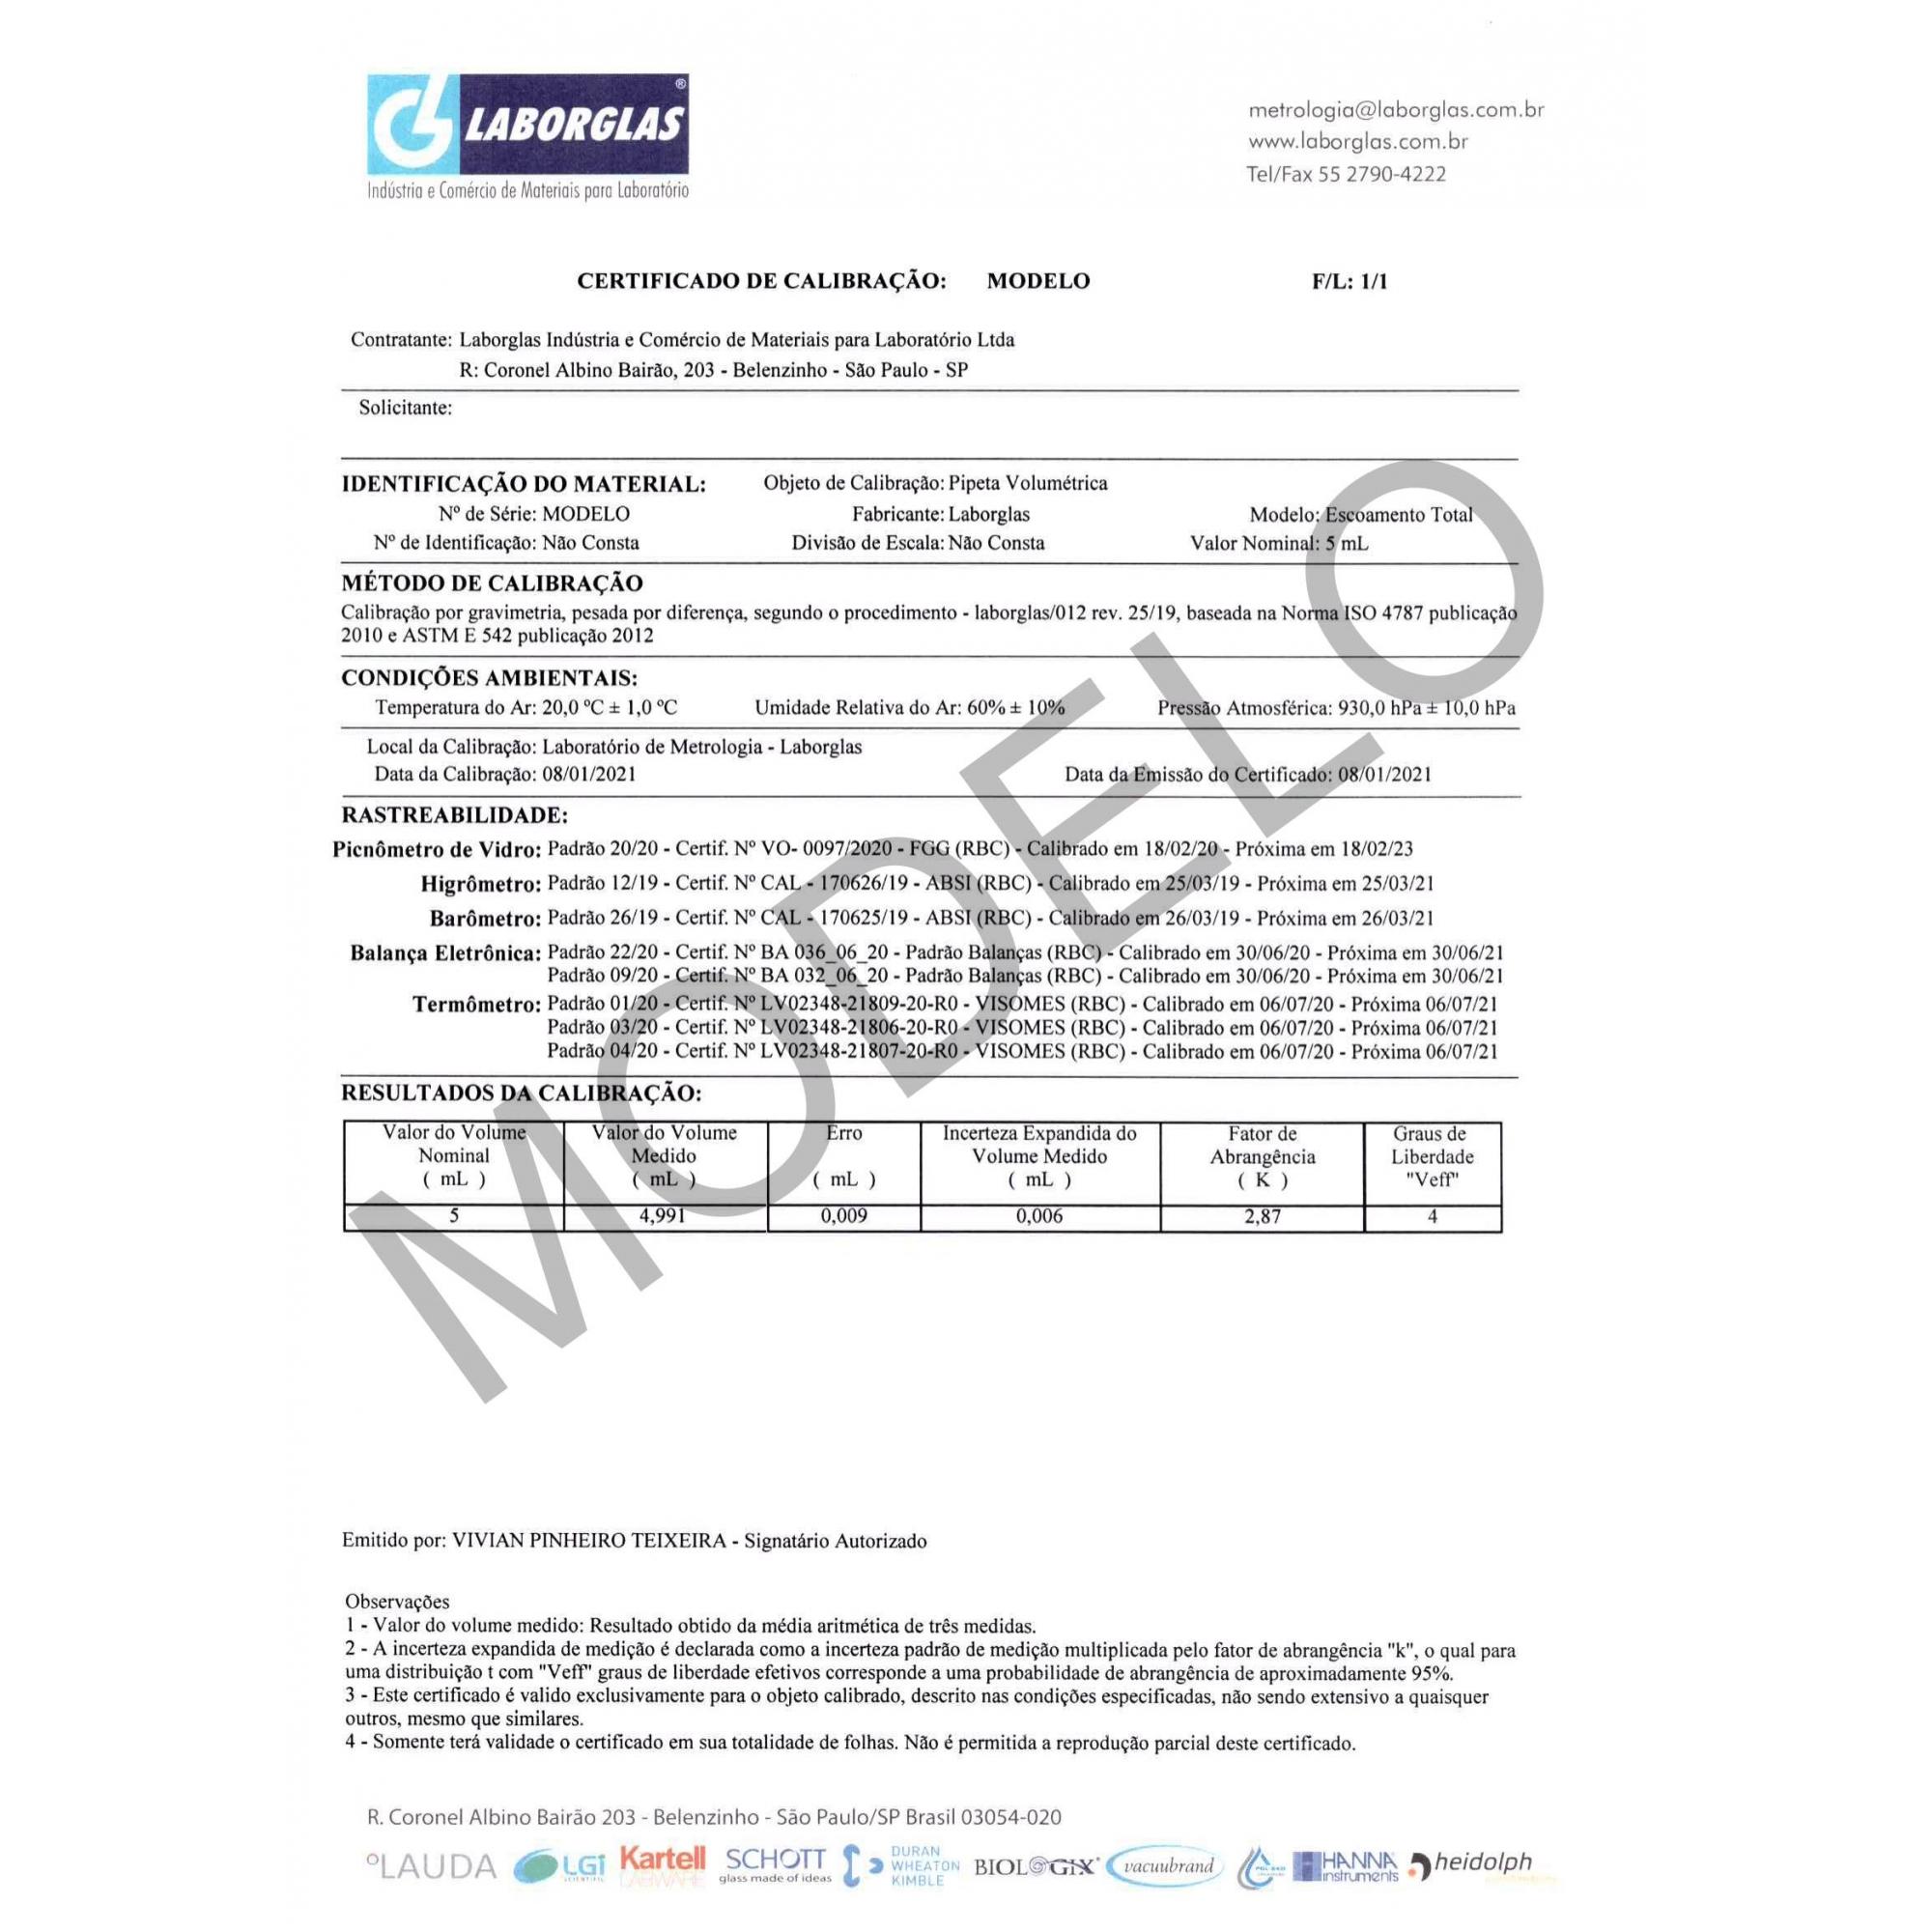 PIPETA VOLUMÉTRICA ESGOTAMENTO TOTAL 6,5 ML CERTIFICADO RASTREÁVEL - Laborglas - Cód. 9433724-C